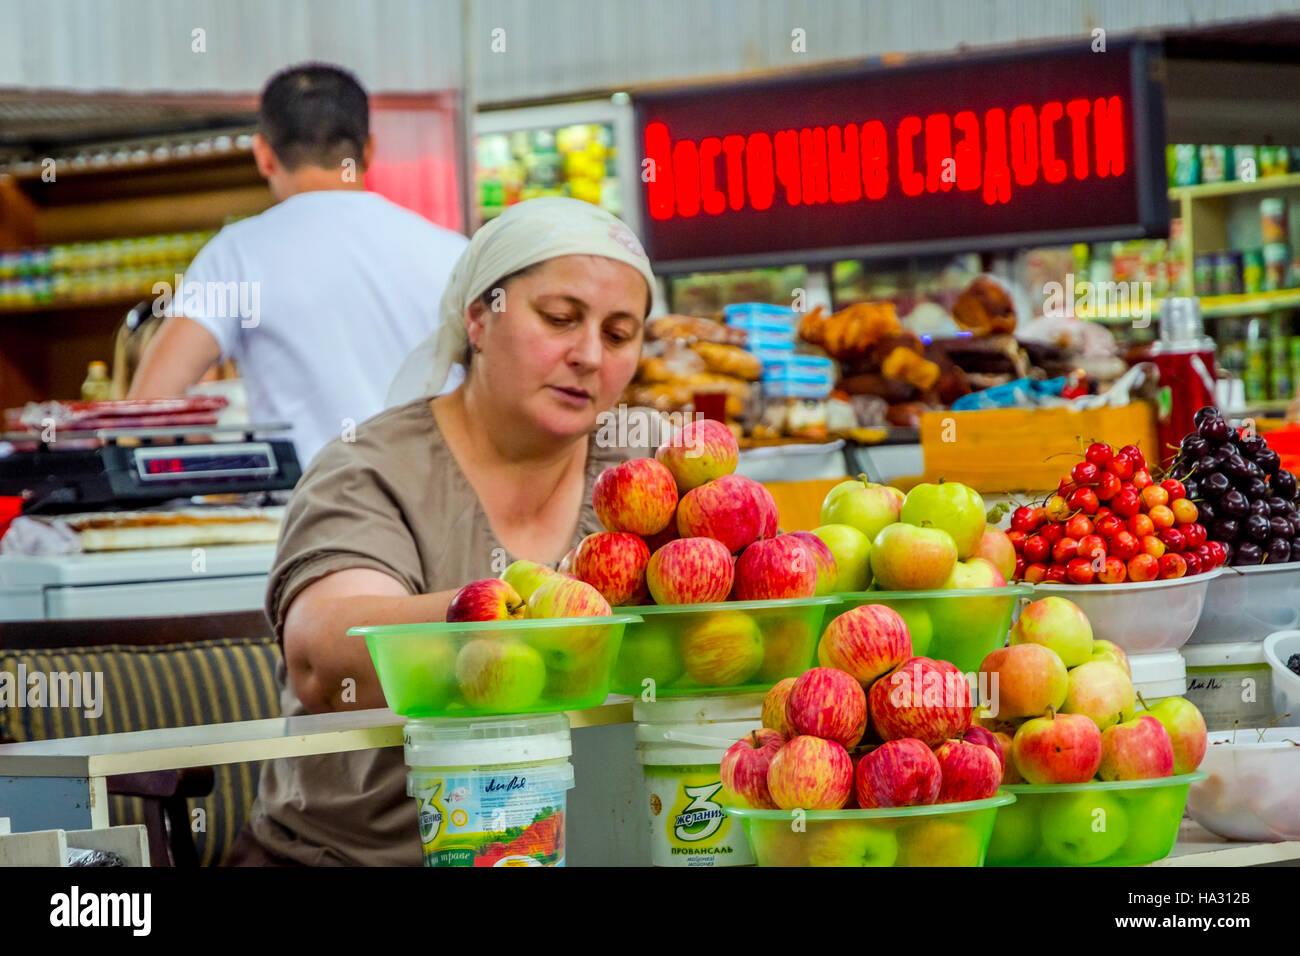 ALMATY, Kasachstan - 15 Juli: Ältere Frau Äpfel auf grüne Basar zu verkaufen. Juli 2016Stockfoto